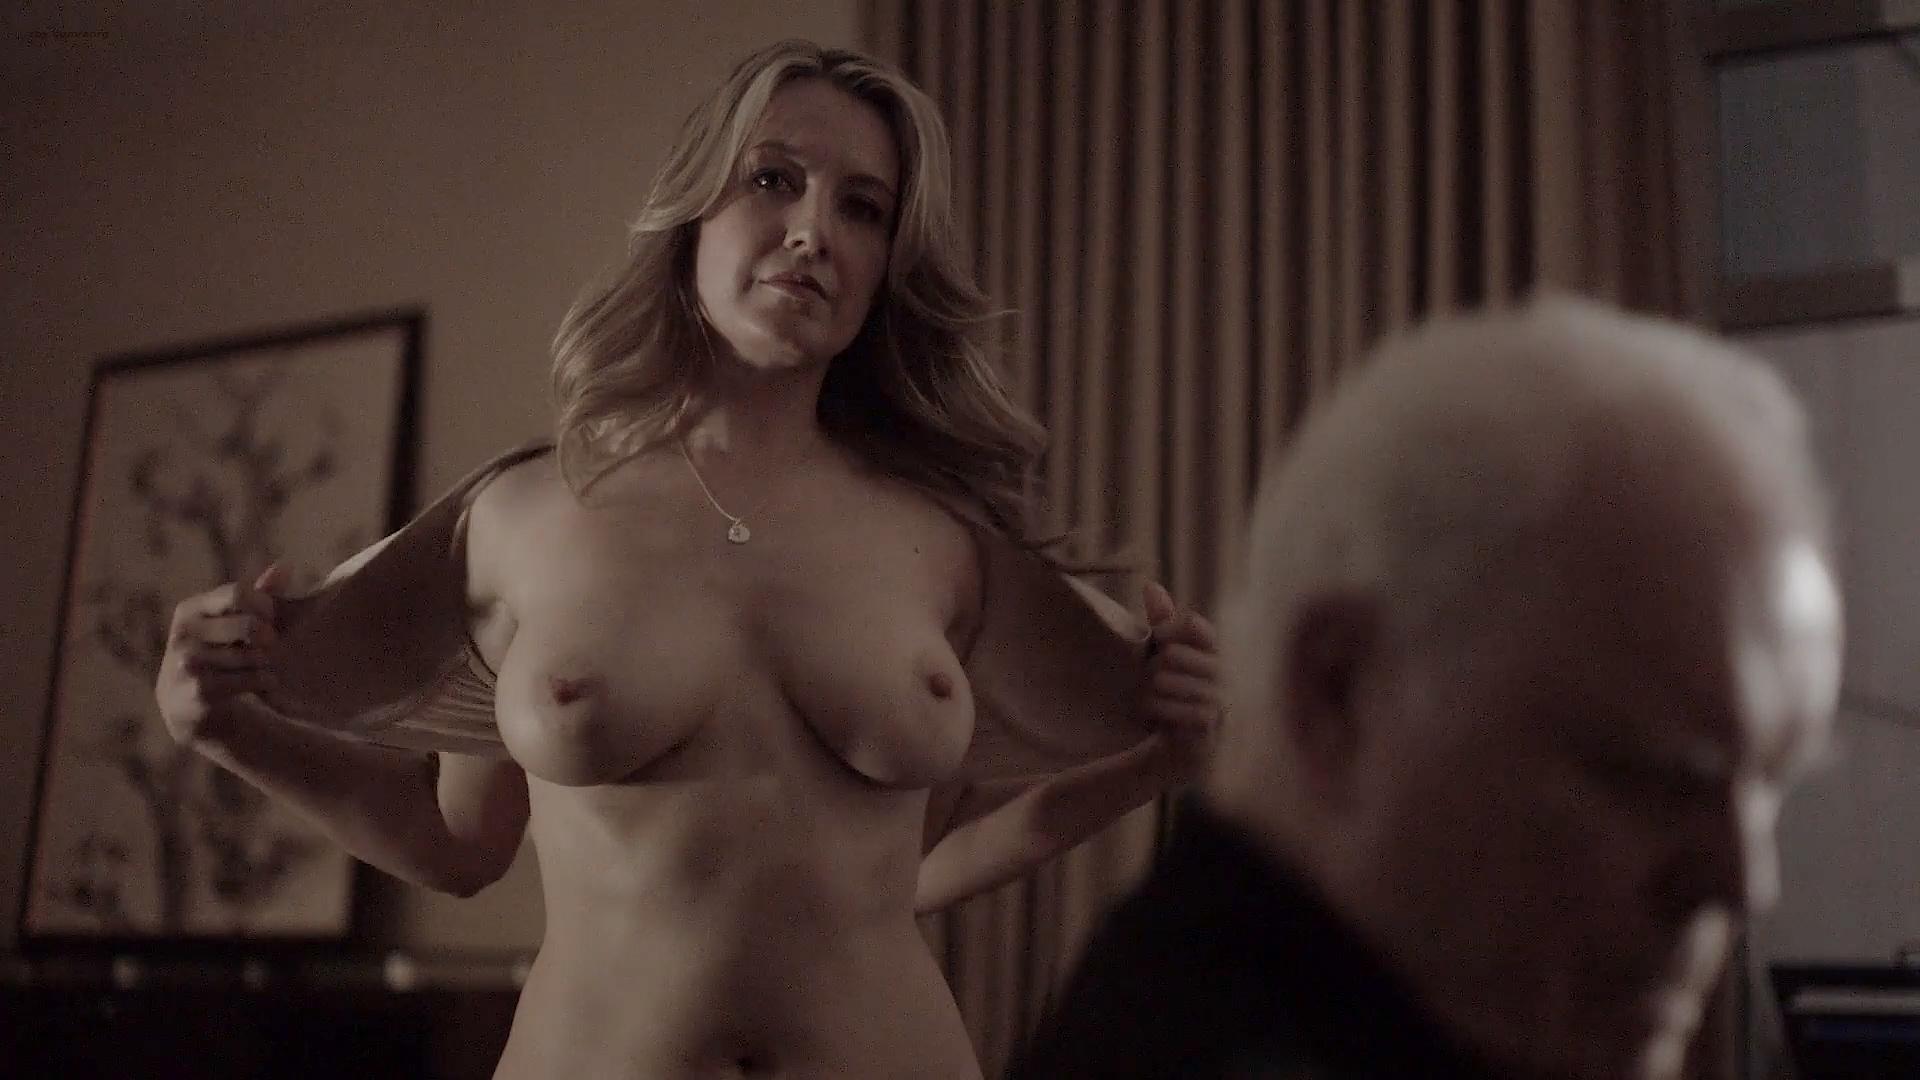 moms-nude-jennifer-fogarty-nude